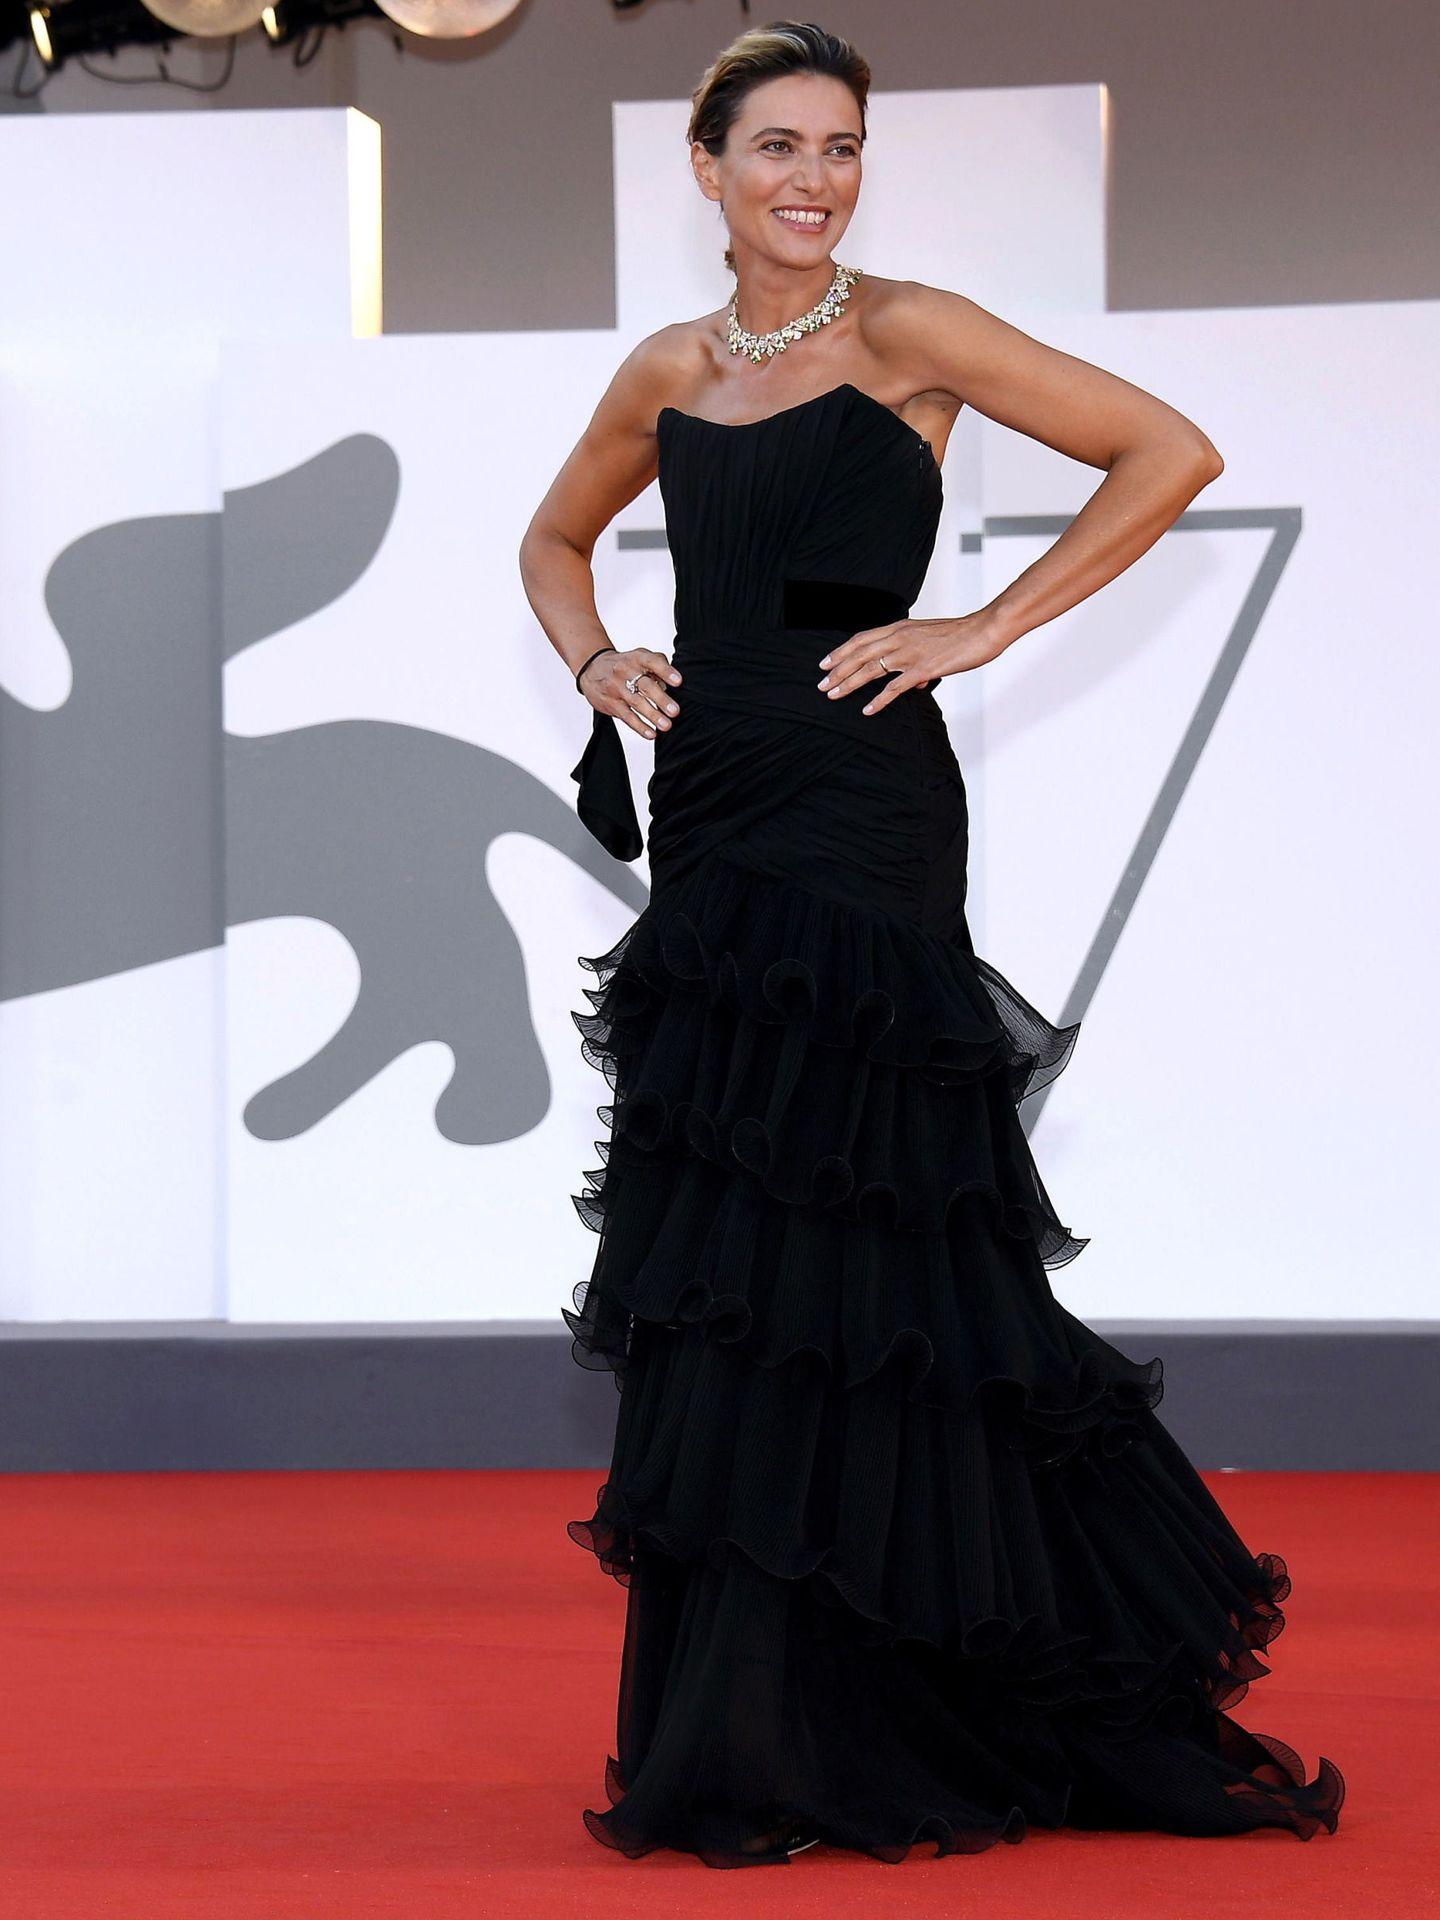 Anna Foglietta, en el estreno de 'Padrenostro' con vestido negro palabra de honor y falda de volantes de Alberta Ferretti. (EFE)